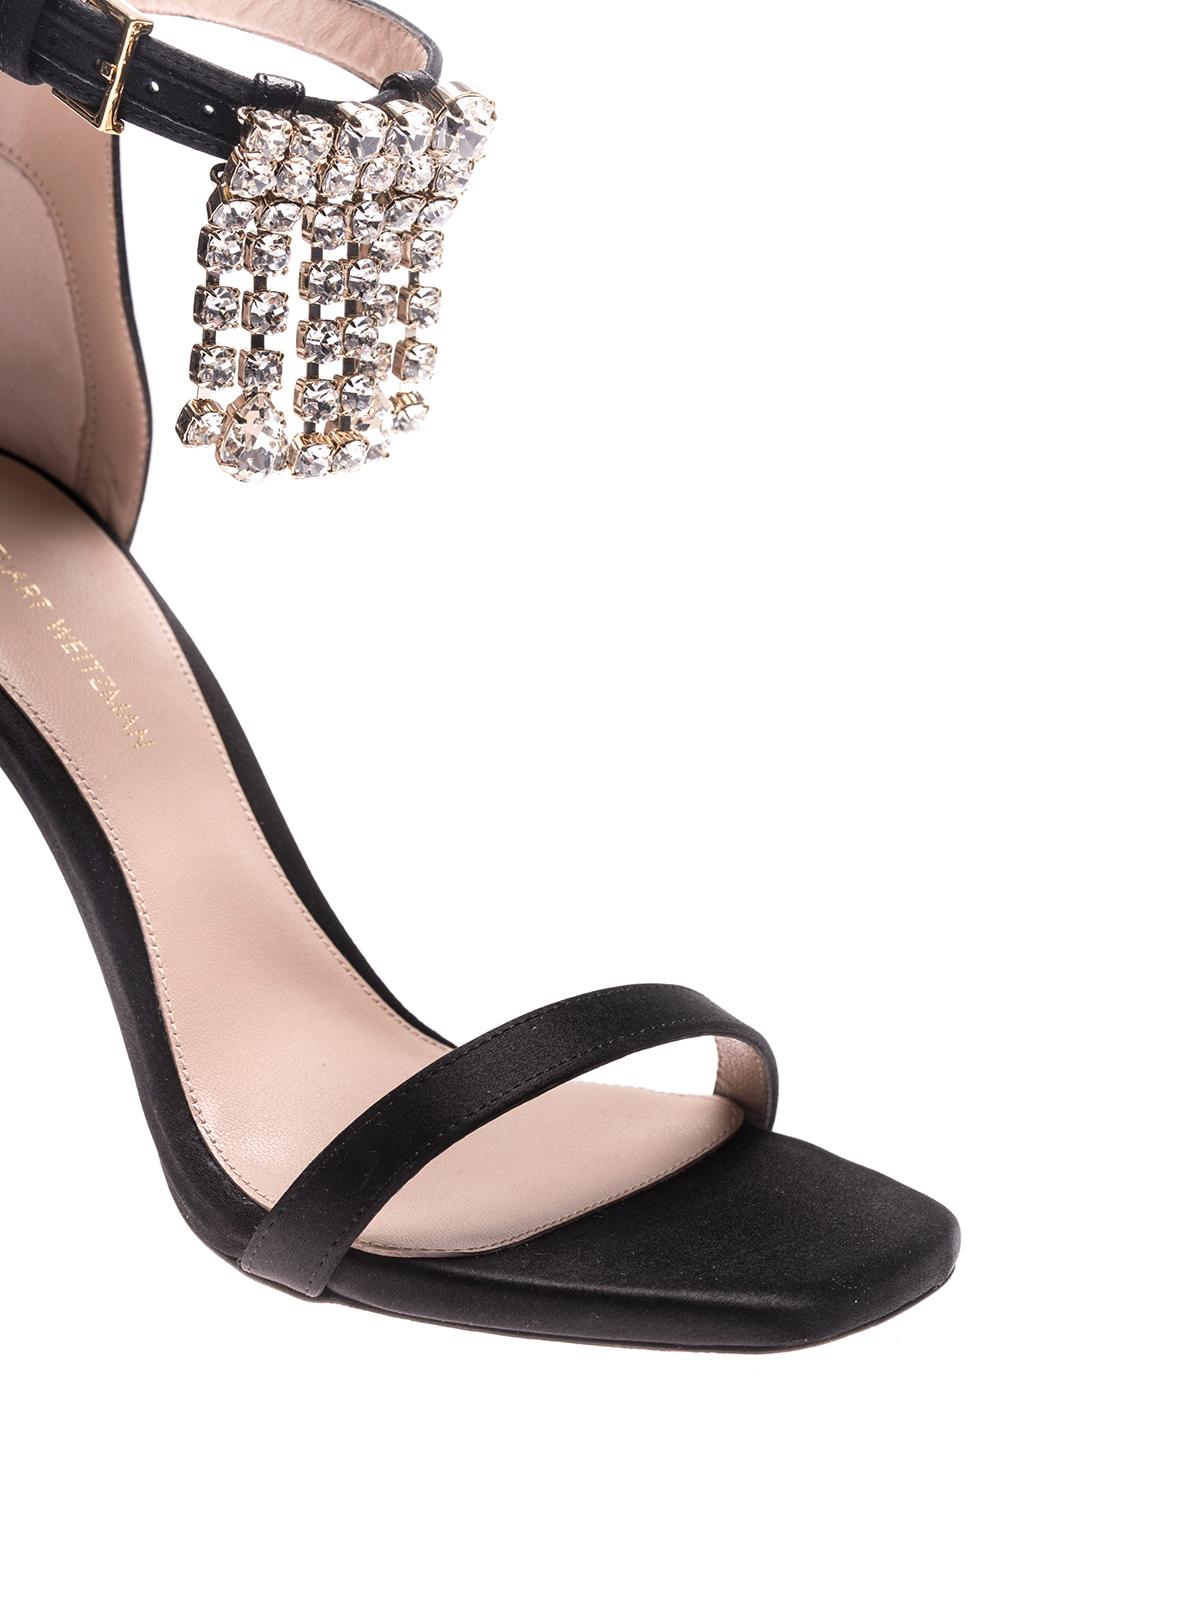 a5383909a98d5 iKRIX Stuart Weitzman  sandals - Nudist silk satin fringed sandals